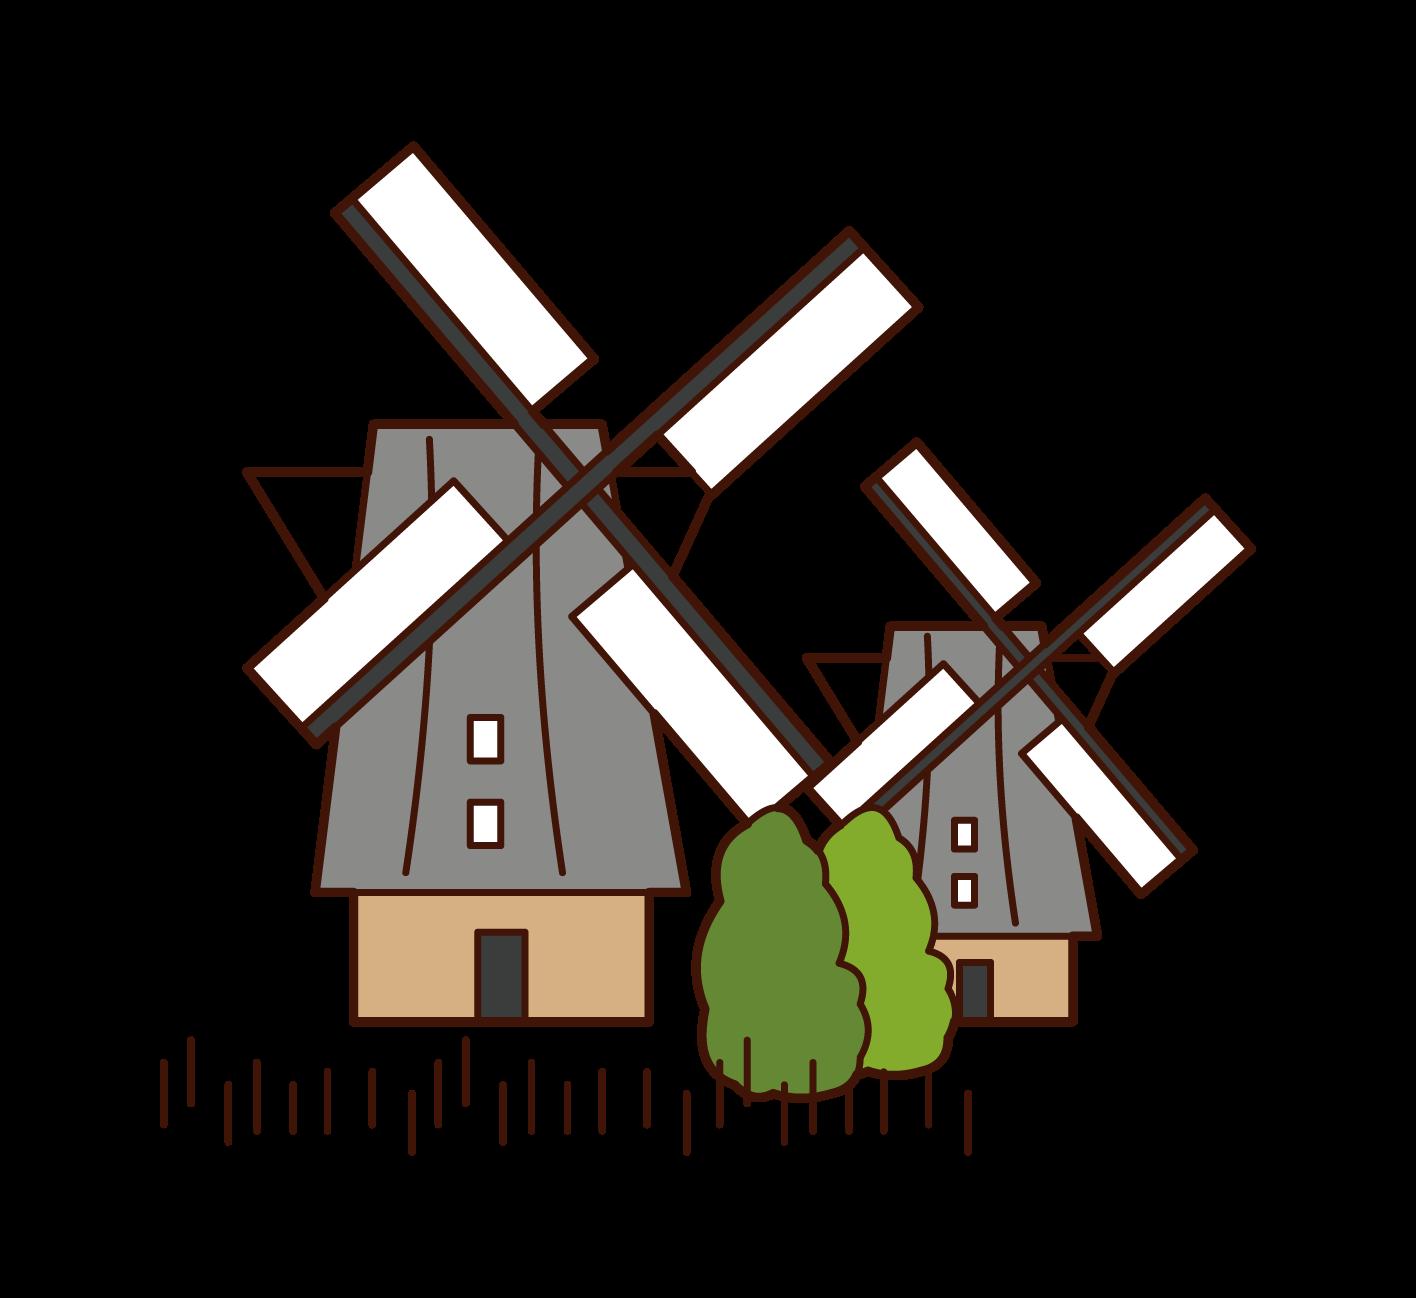 キンデルダイク-エルスハウトの風車群のイラスト